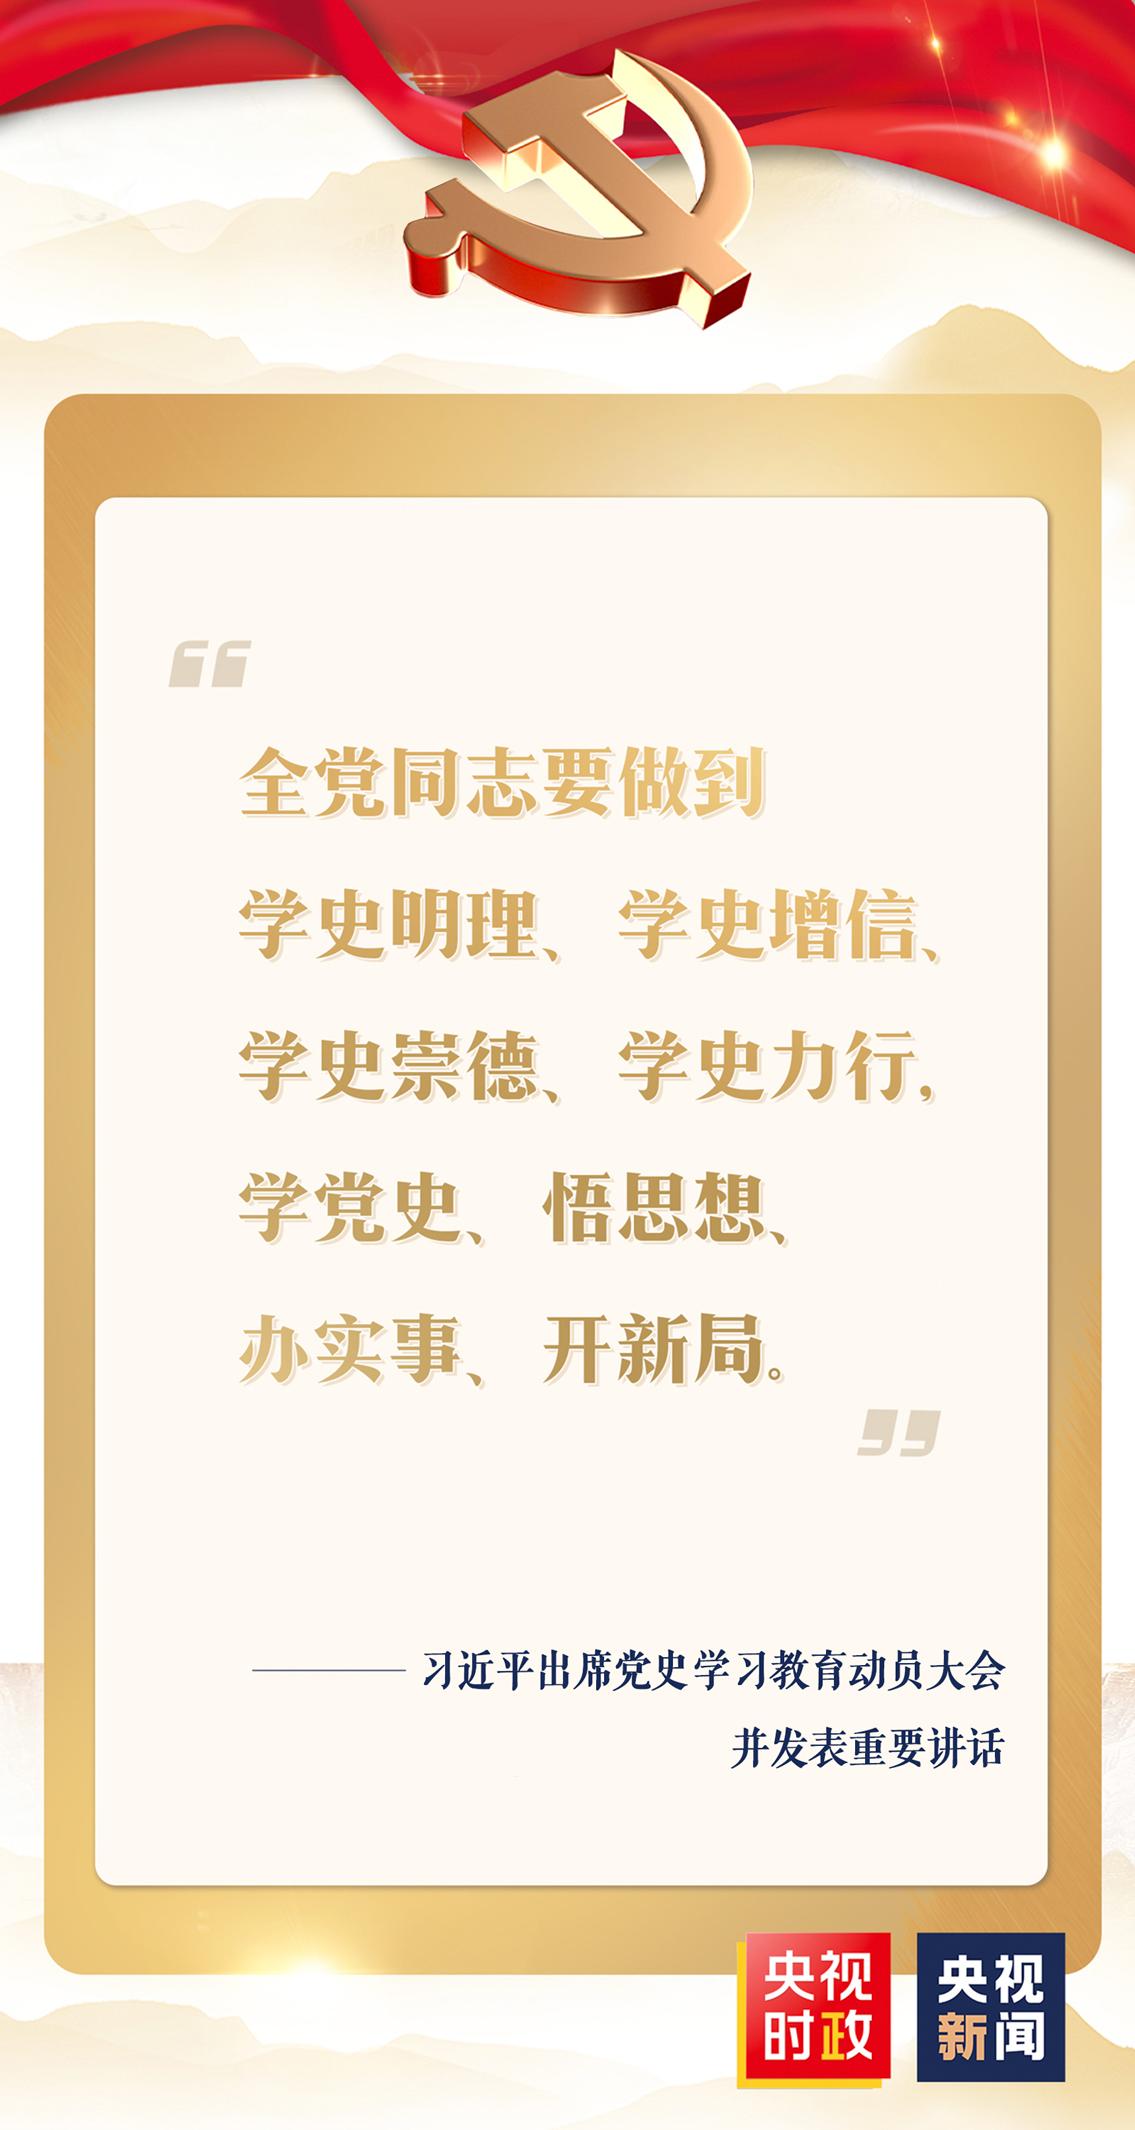 金句来了!习近平:学党史_悟思想_办实事_开新局